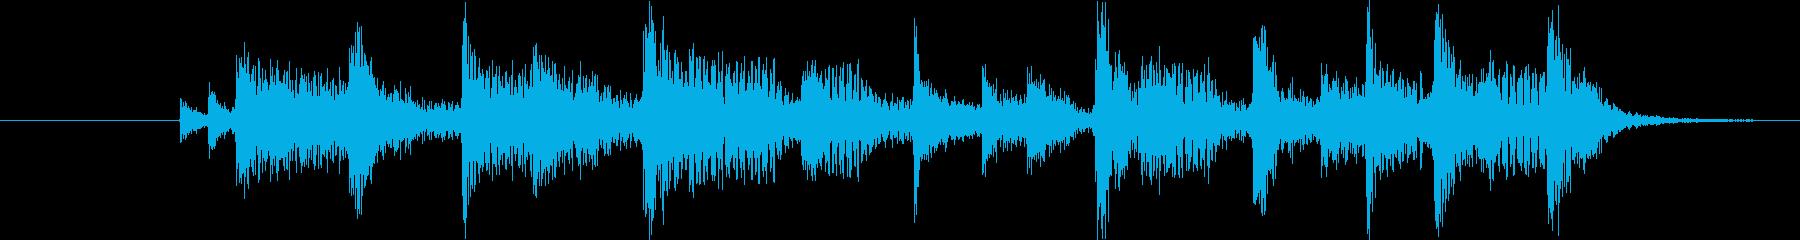 AOR系のショート・ジングルの再生済みの波形